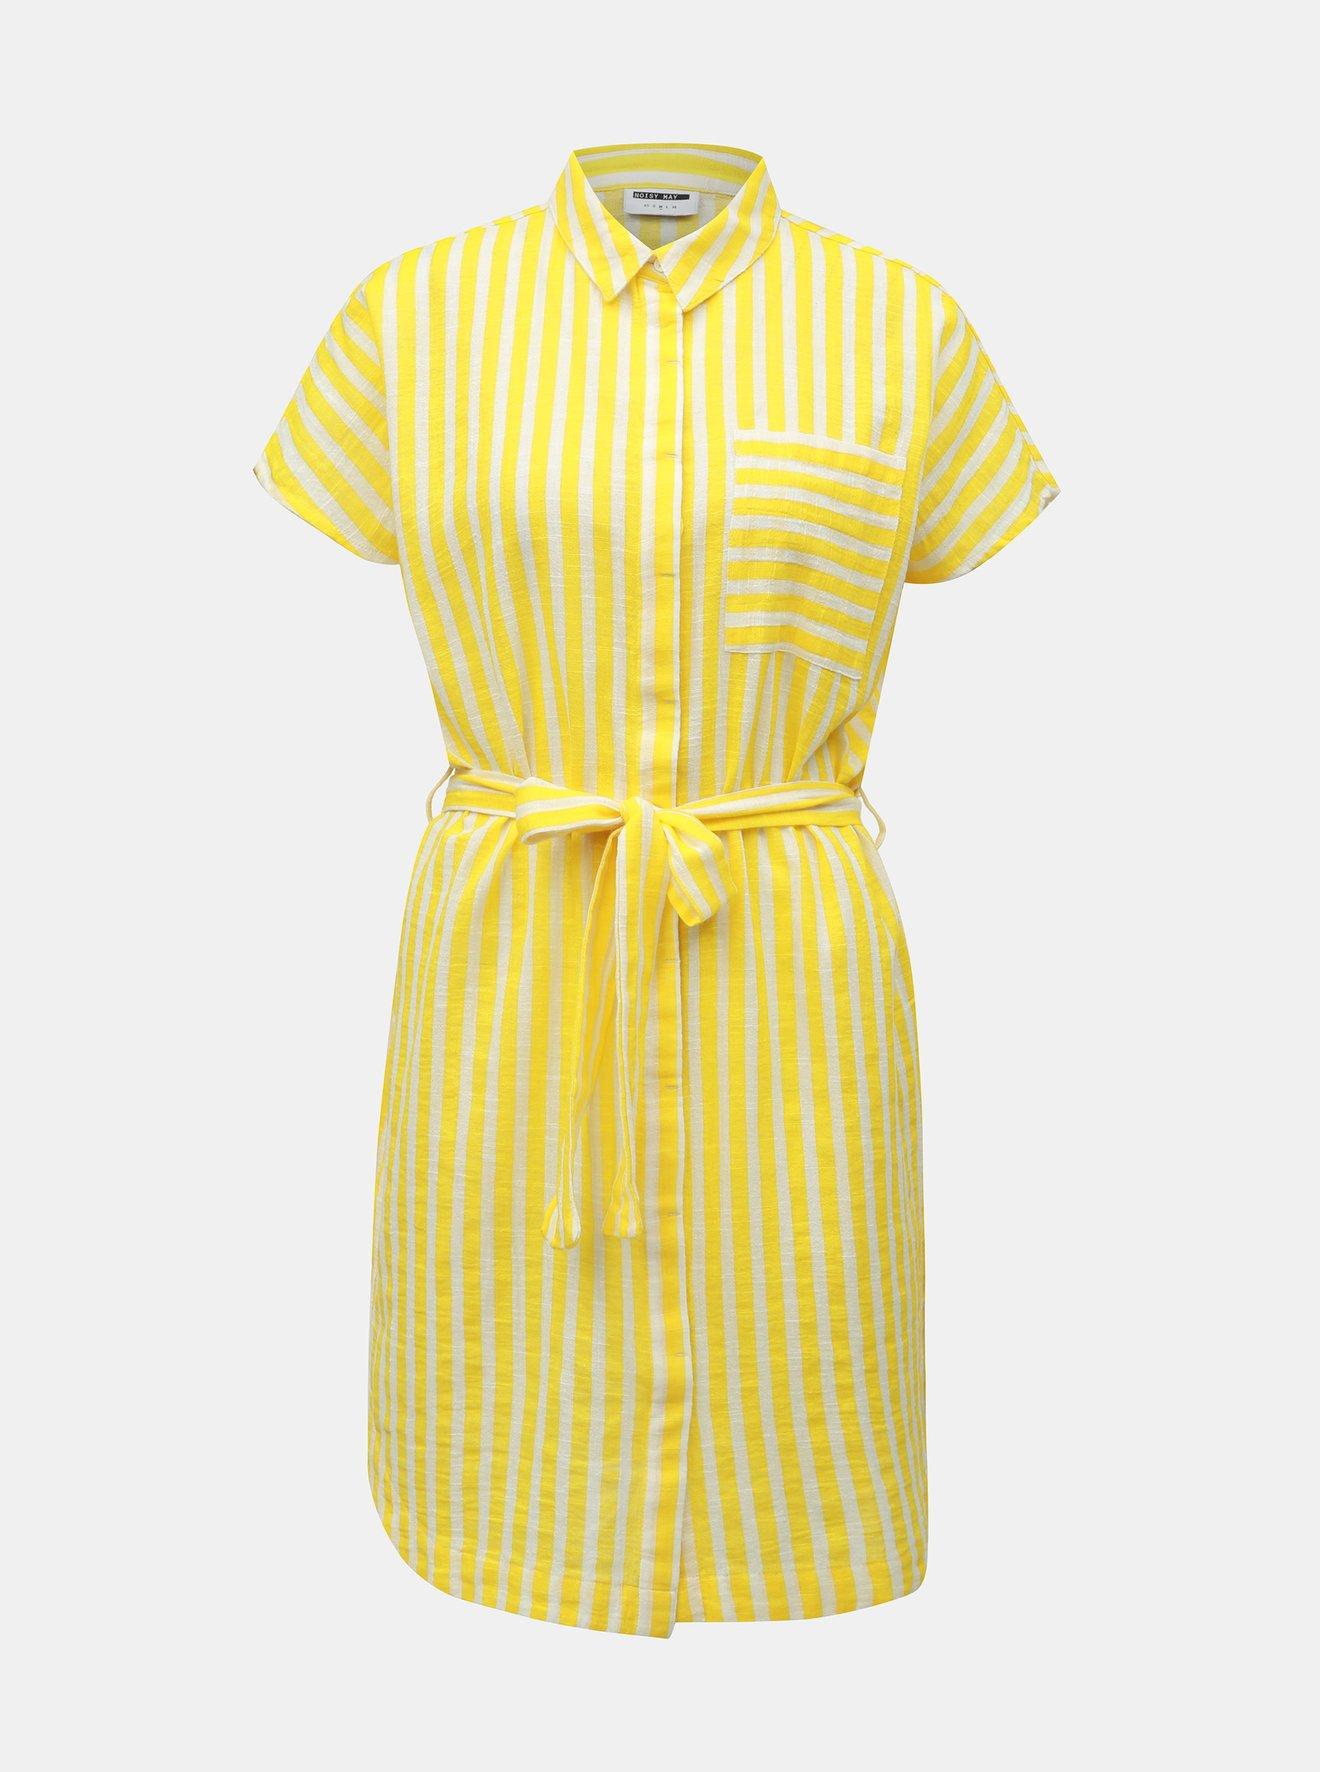 Bílo-žluté pruhované košilové šaty s kapsou Noisy May Mai